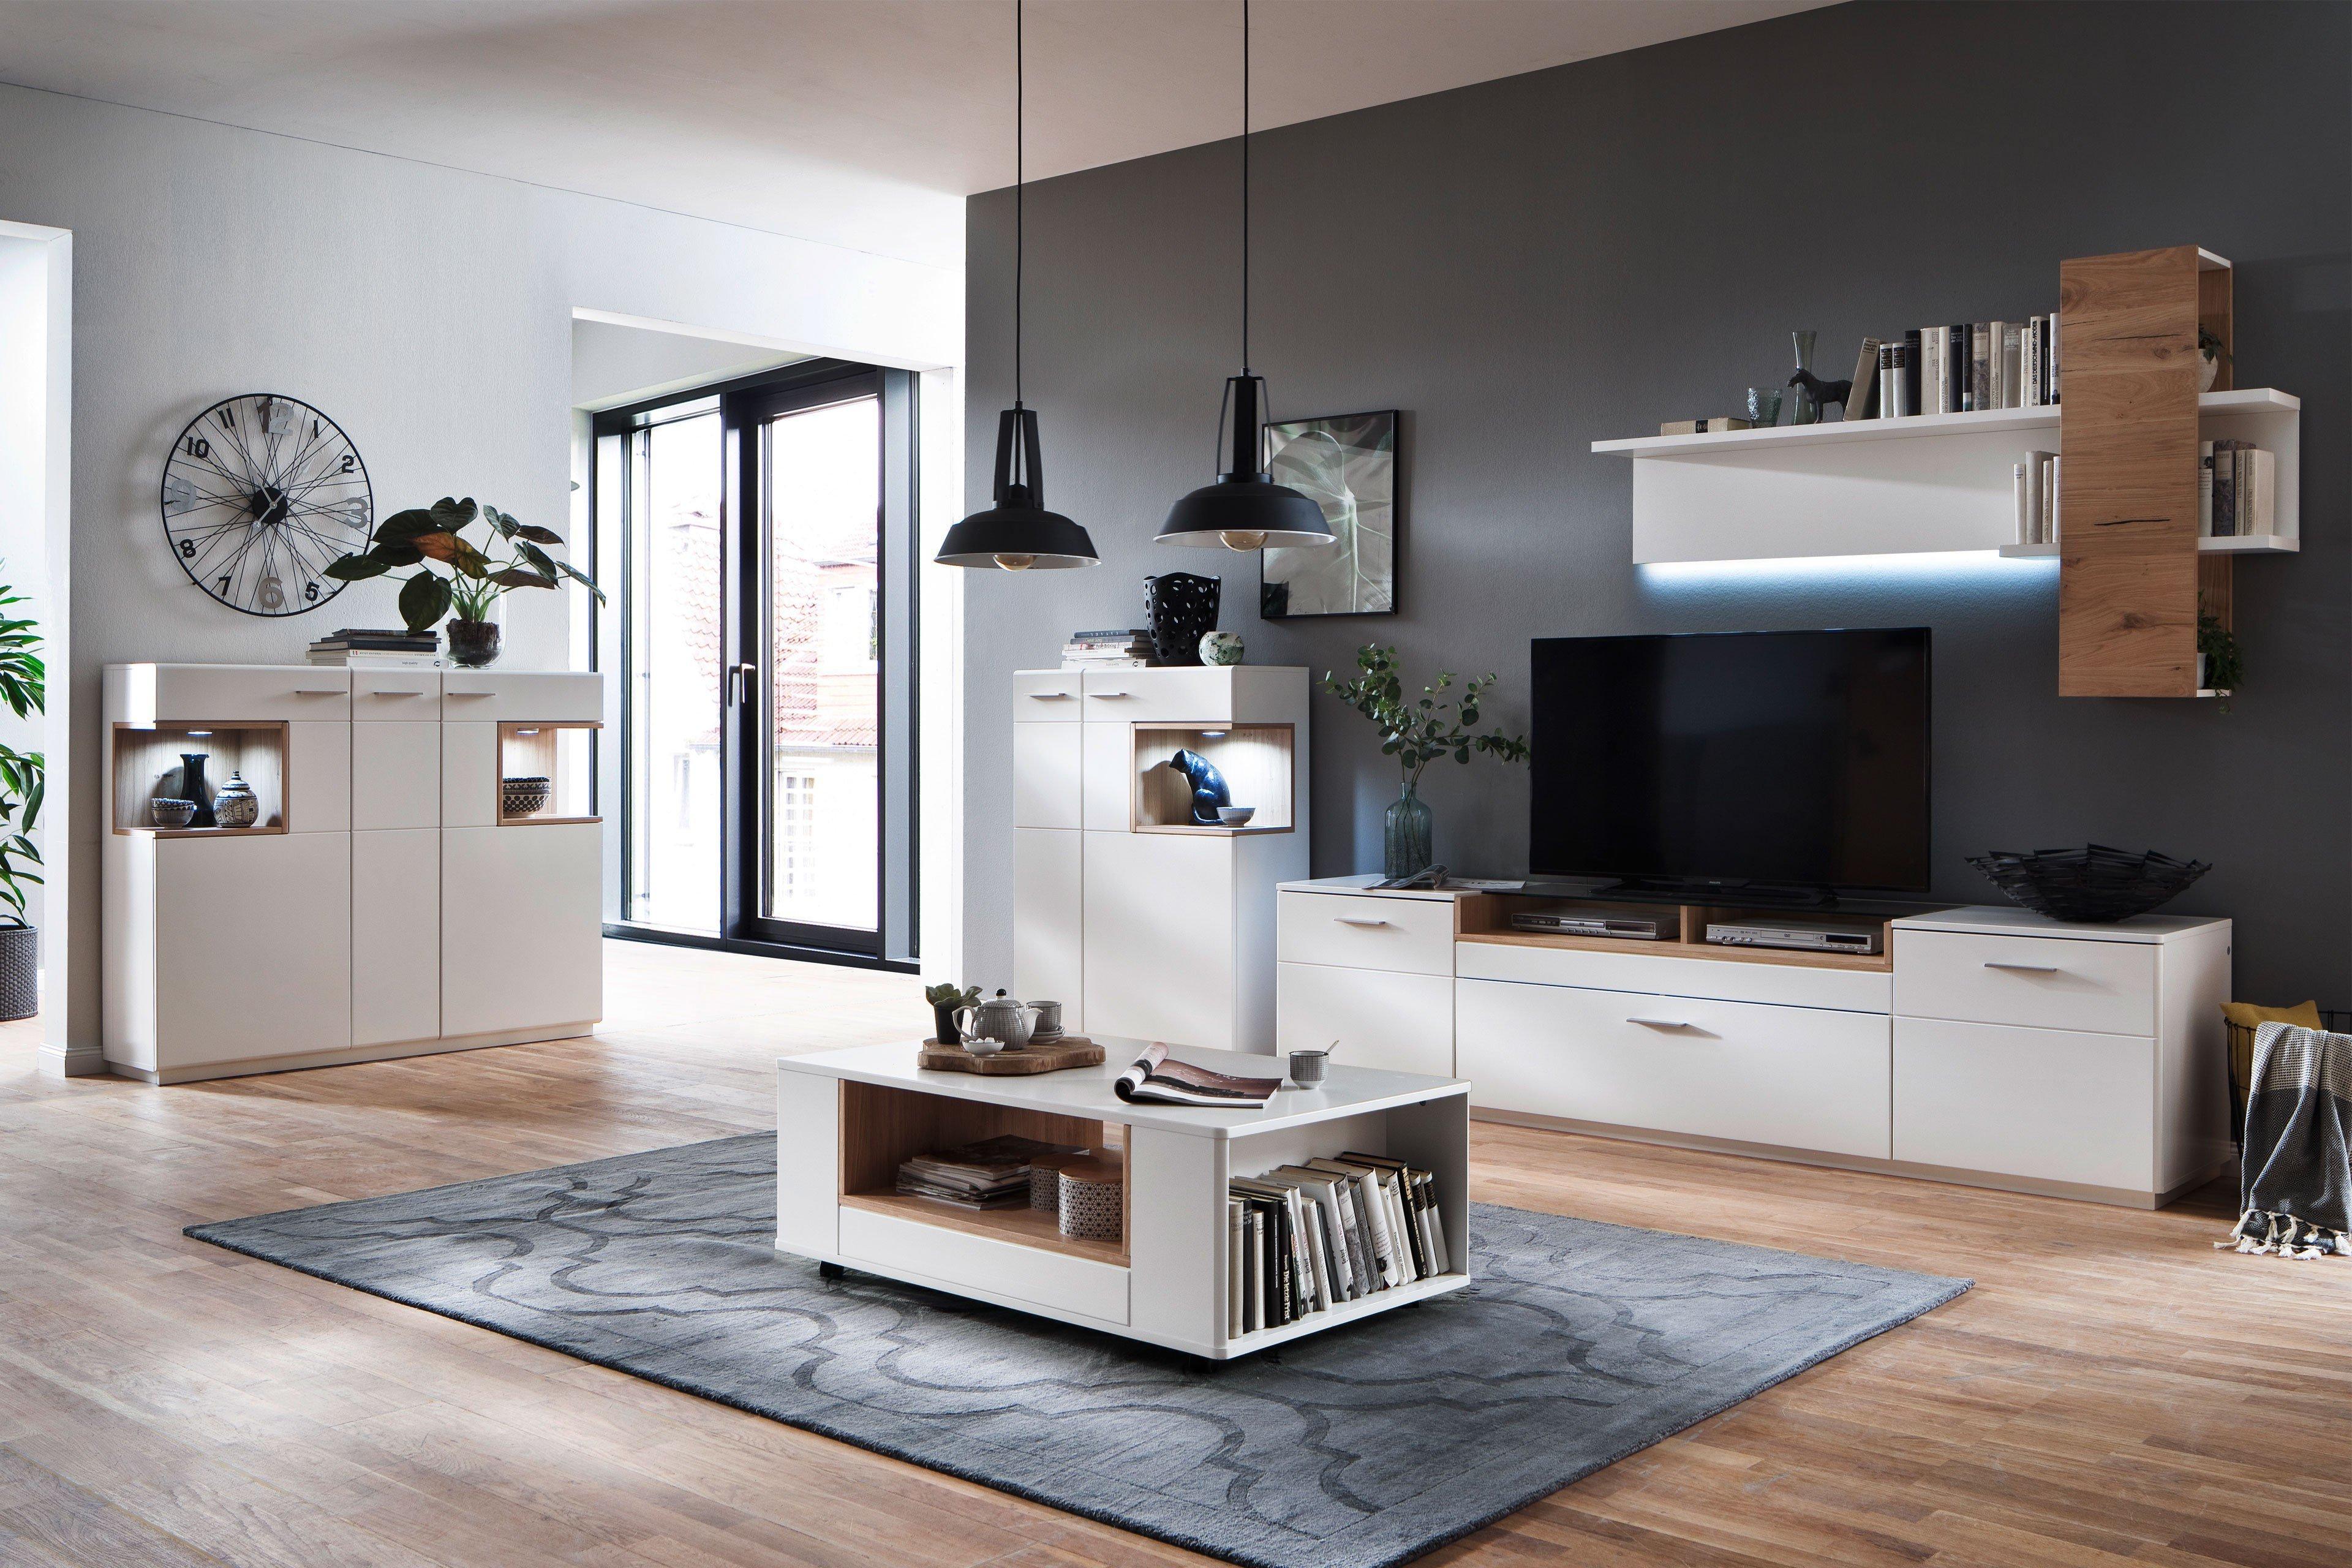 mca wohnwand cesina wei matt asteiche ge lt m bel letz ihr online shop. Black Bedroom Furniture Sets. Home Design Ideas